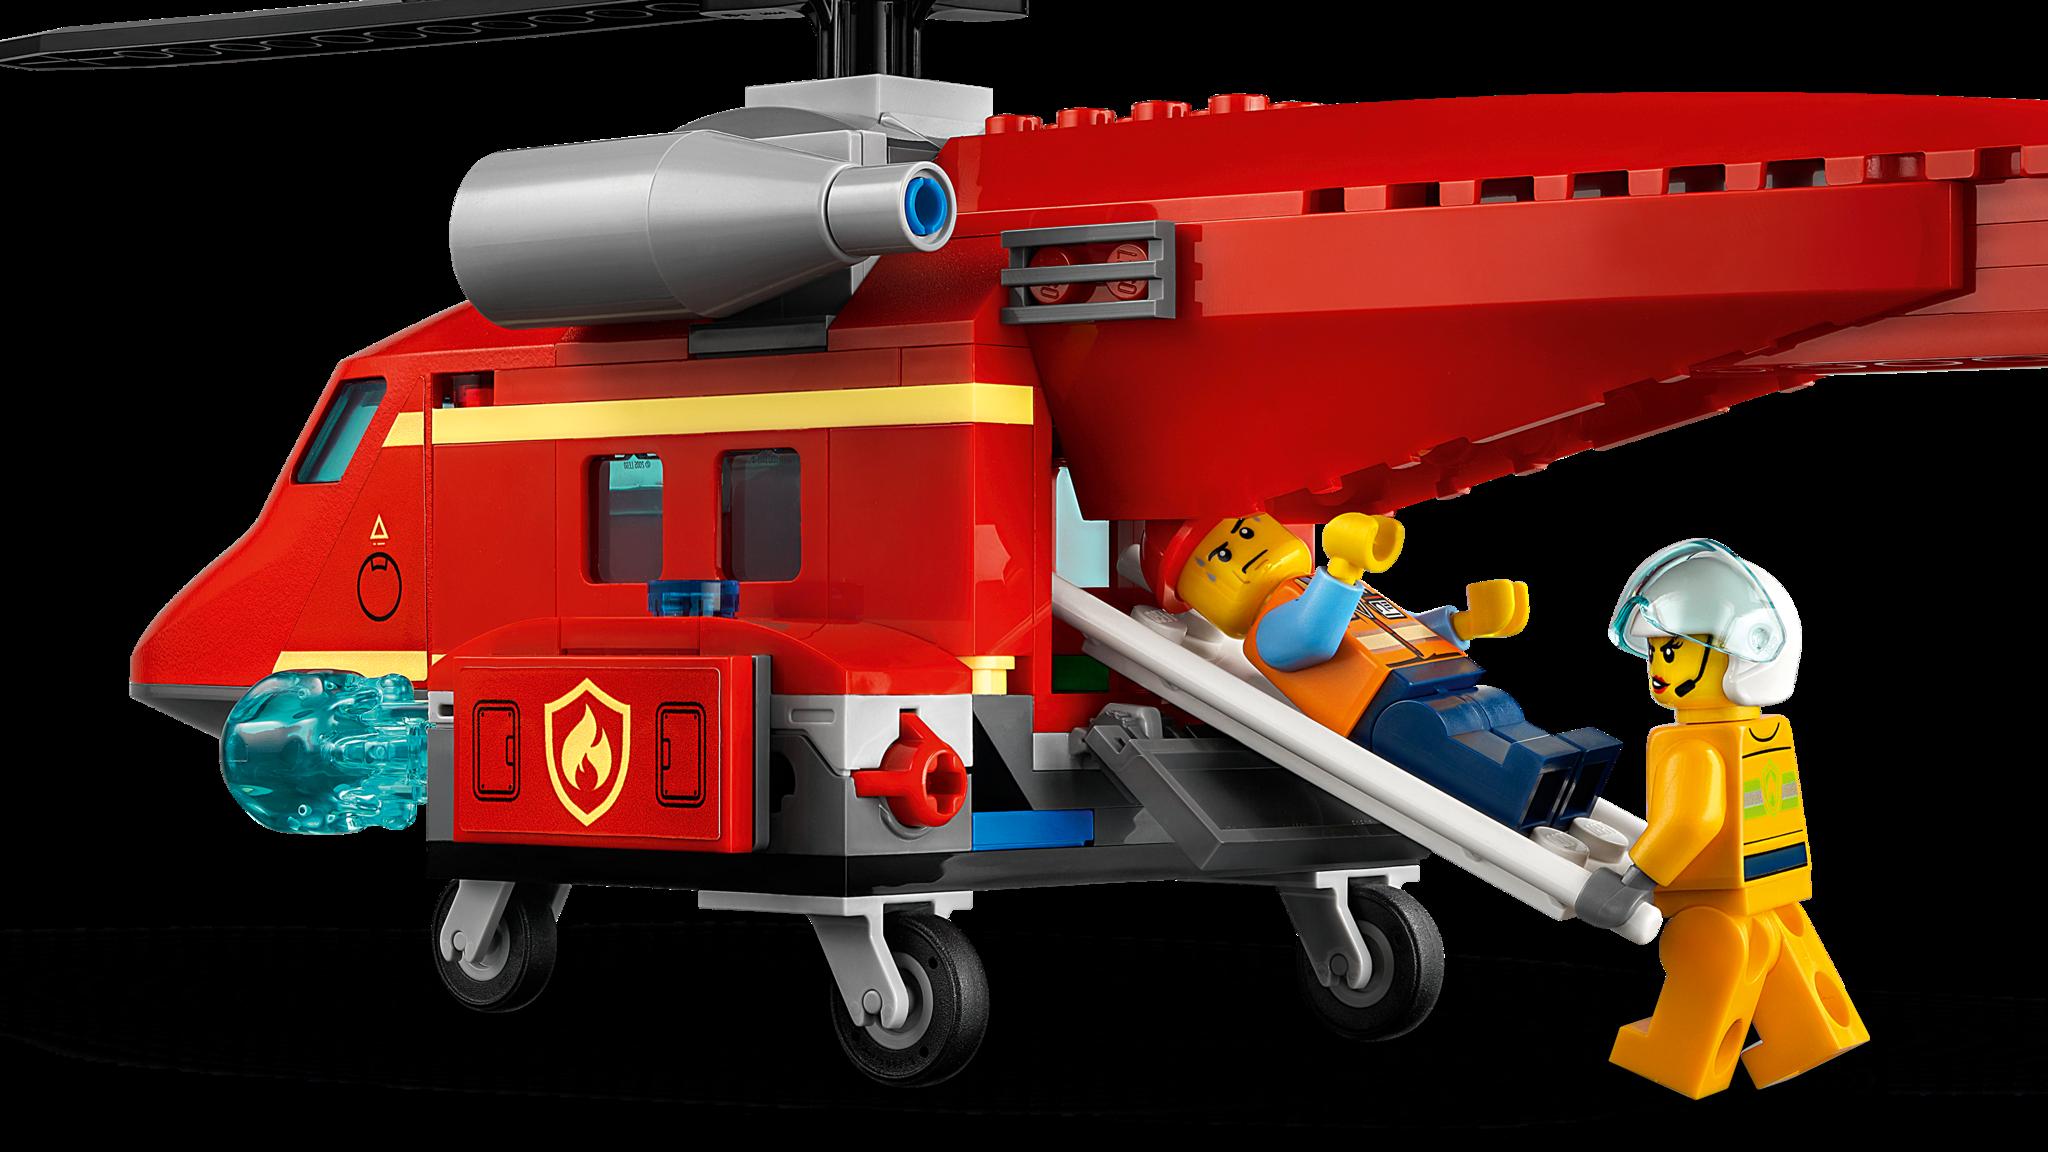 Конструктор LEGO City 60281 Спасательный пожарный вертолёт